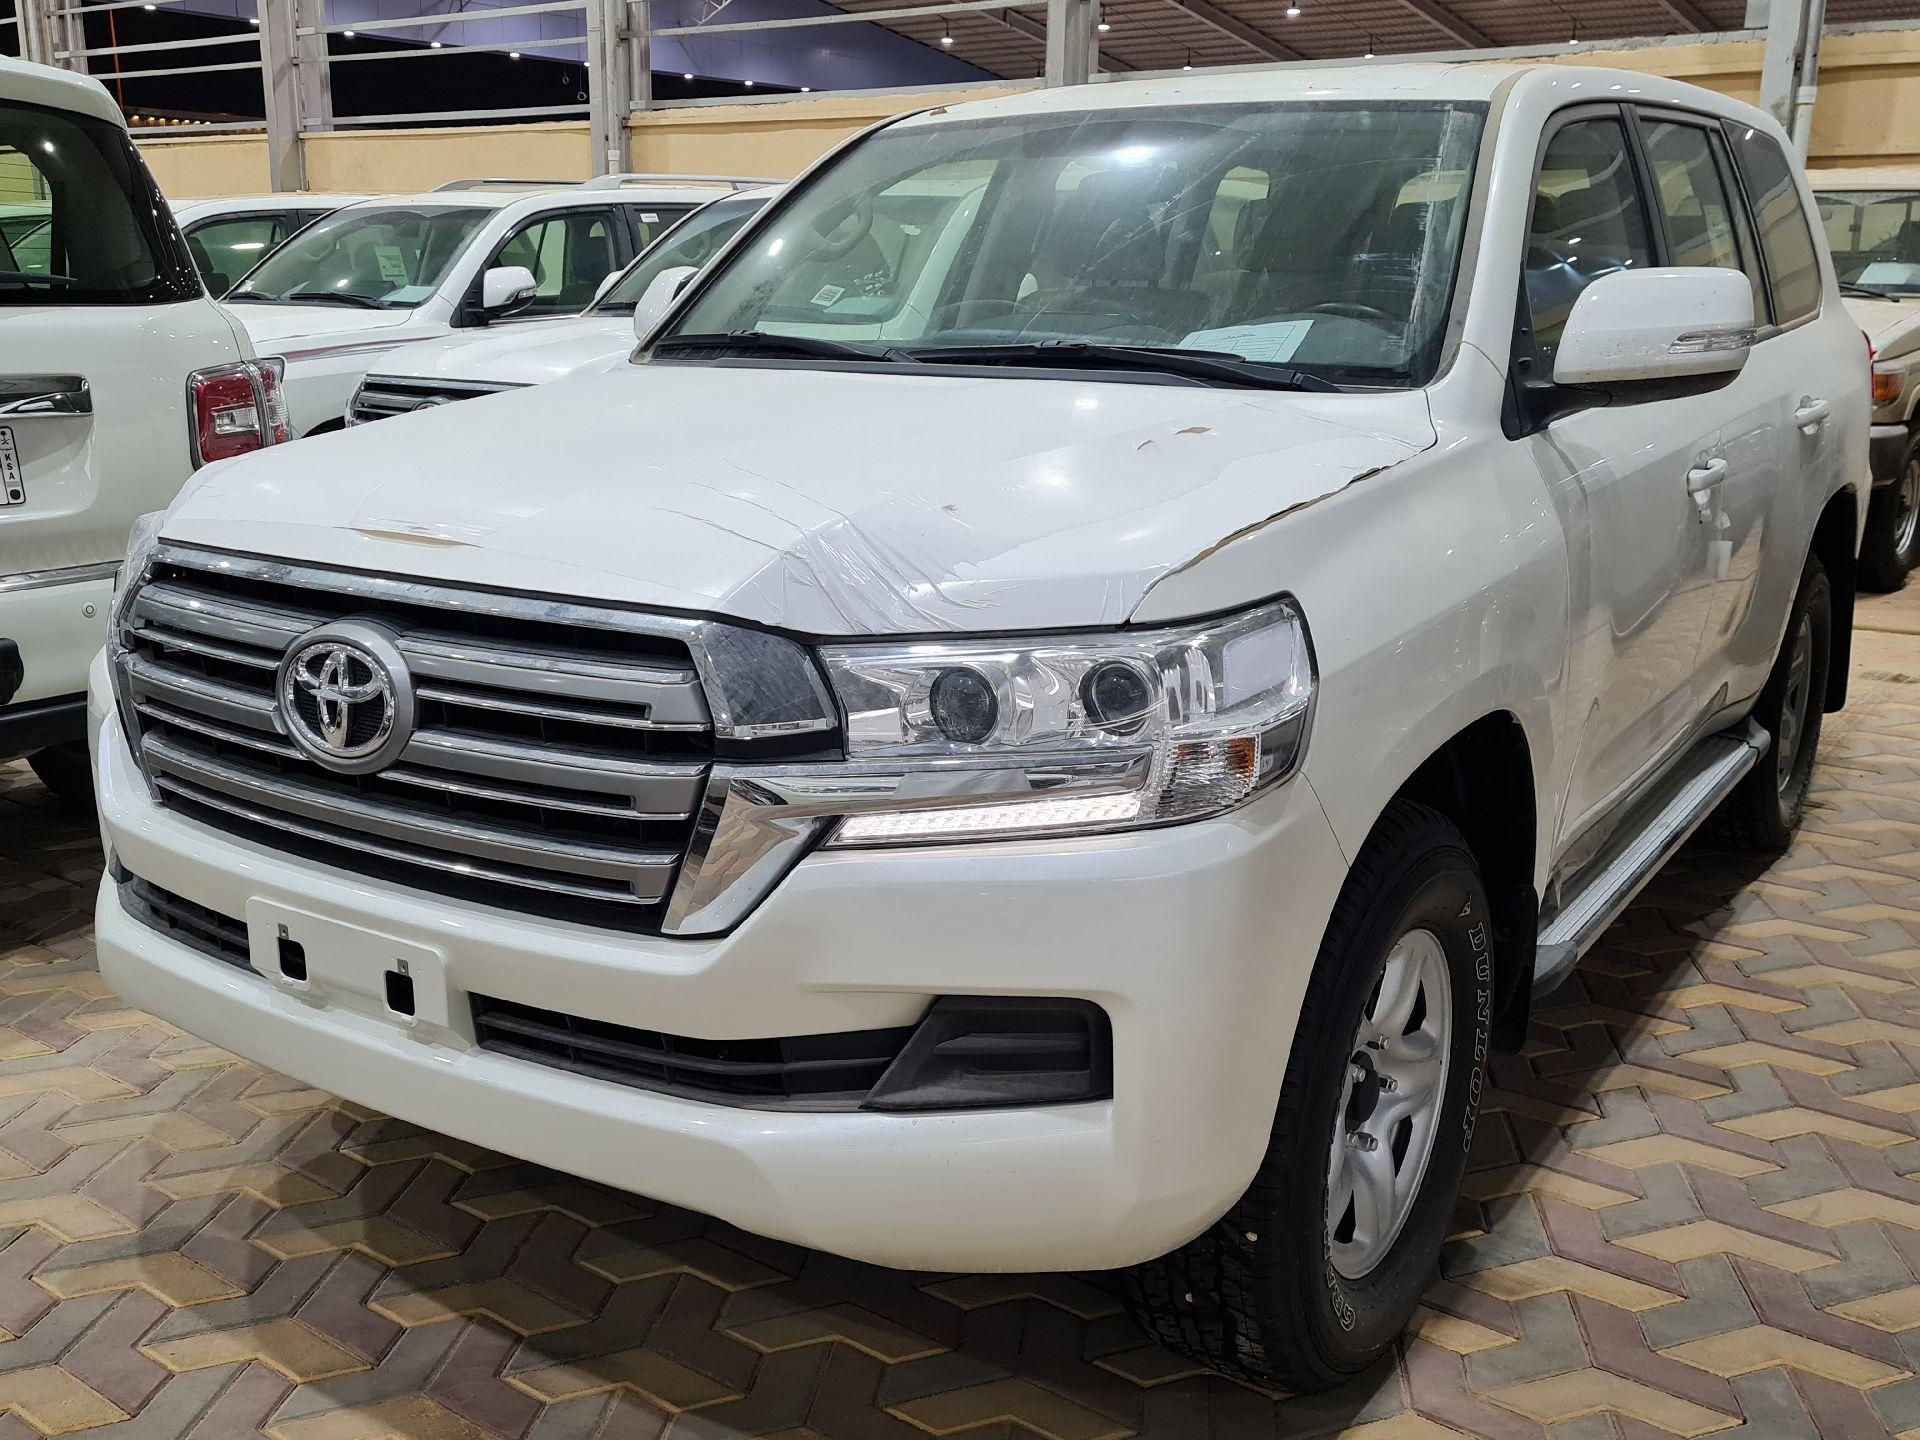 تويوتا لاندكروزر GXR1 2021 ستاندر عماني للبيع في الرياض - السعودية - صورة كبيرة - 1